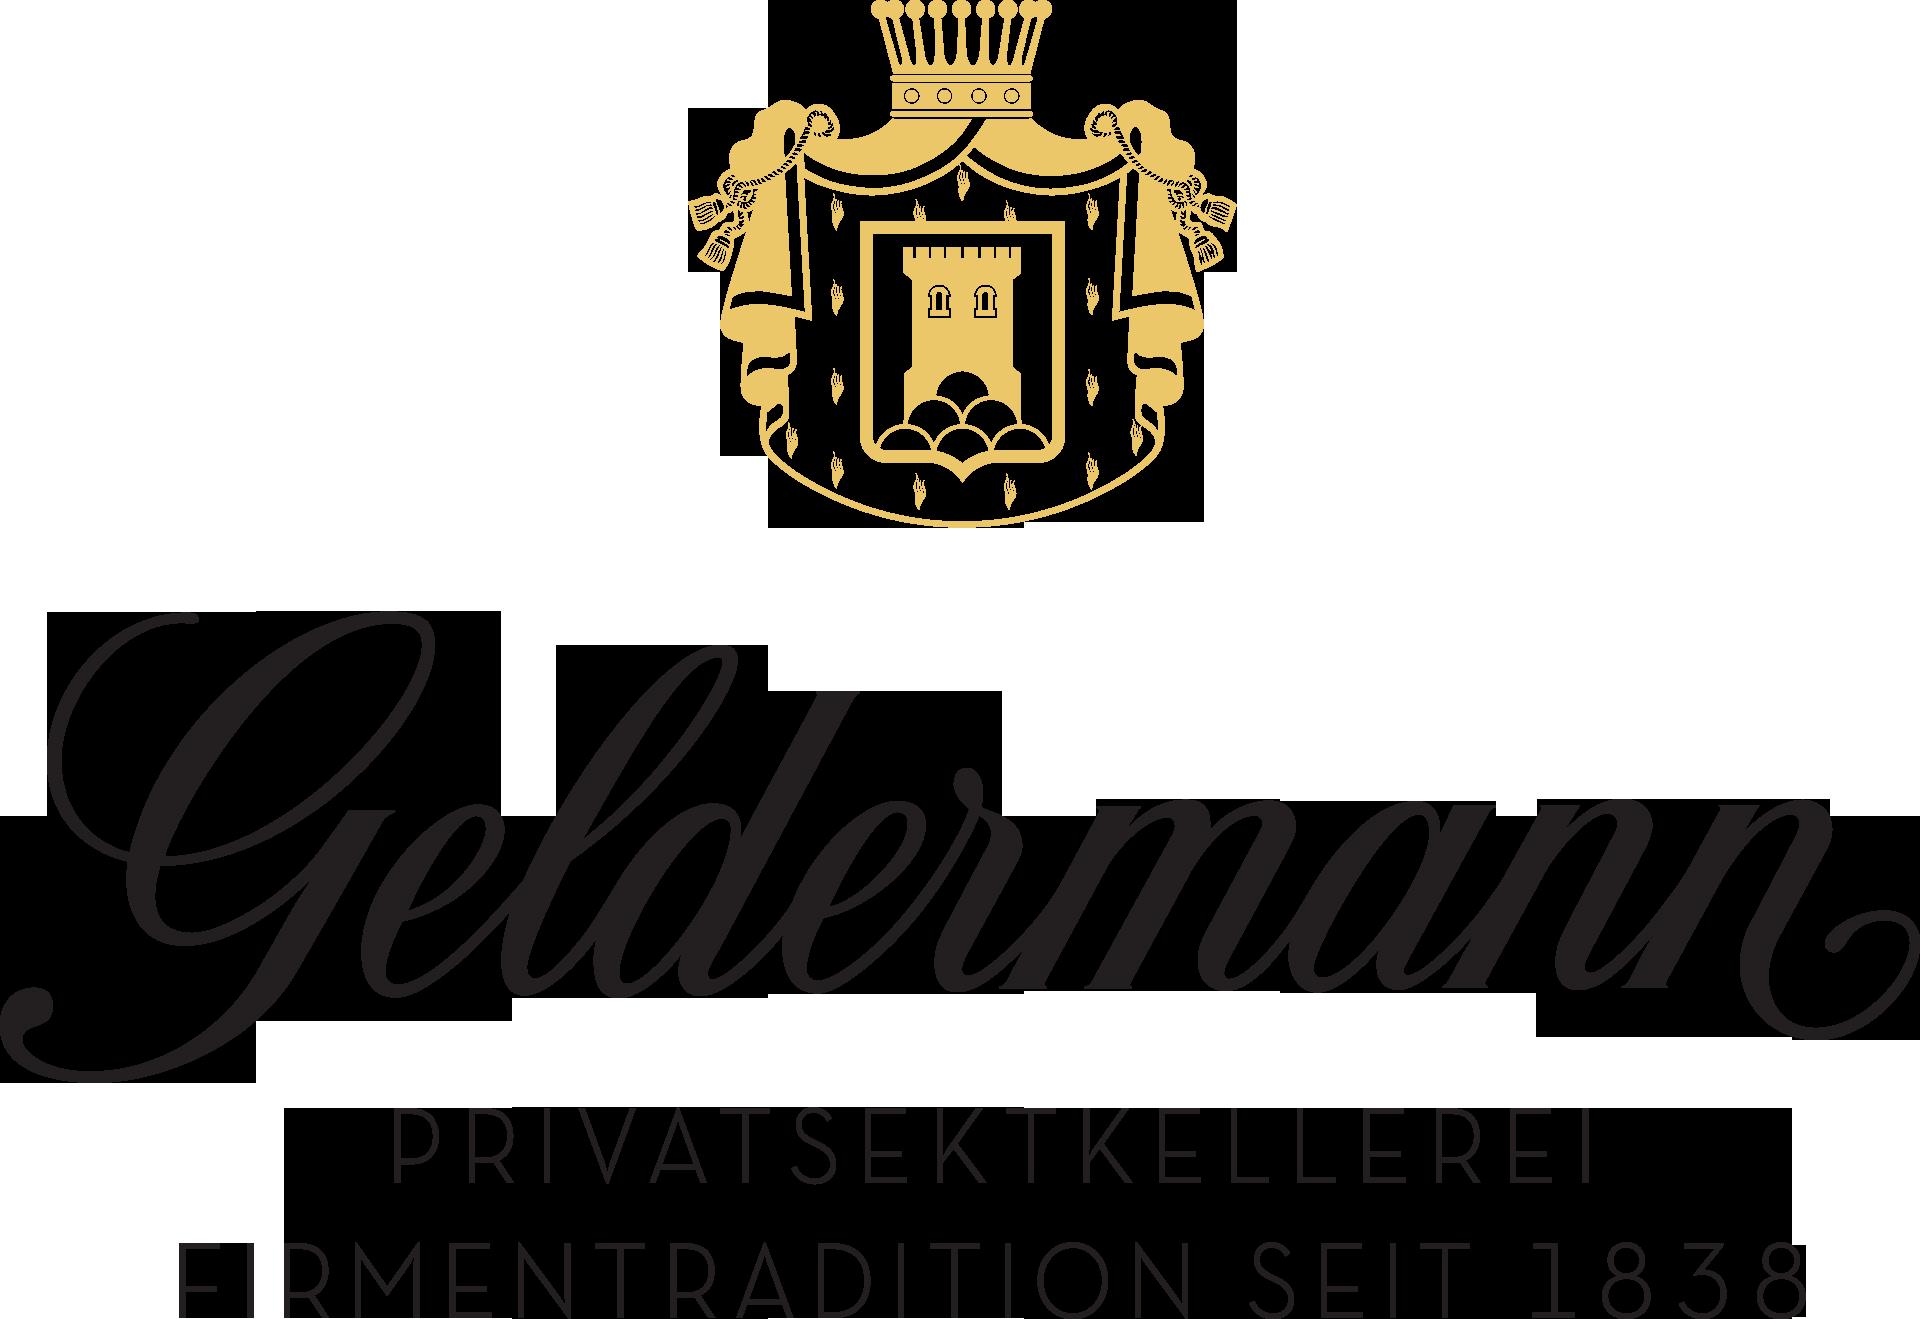 Geldermann